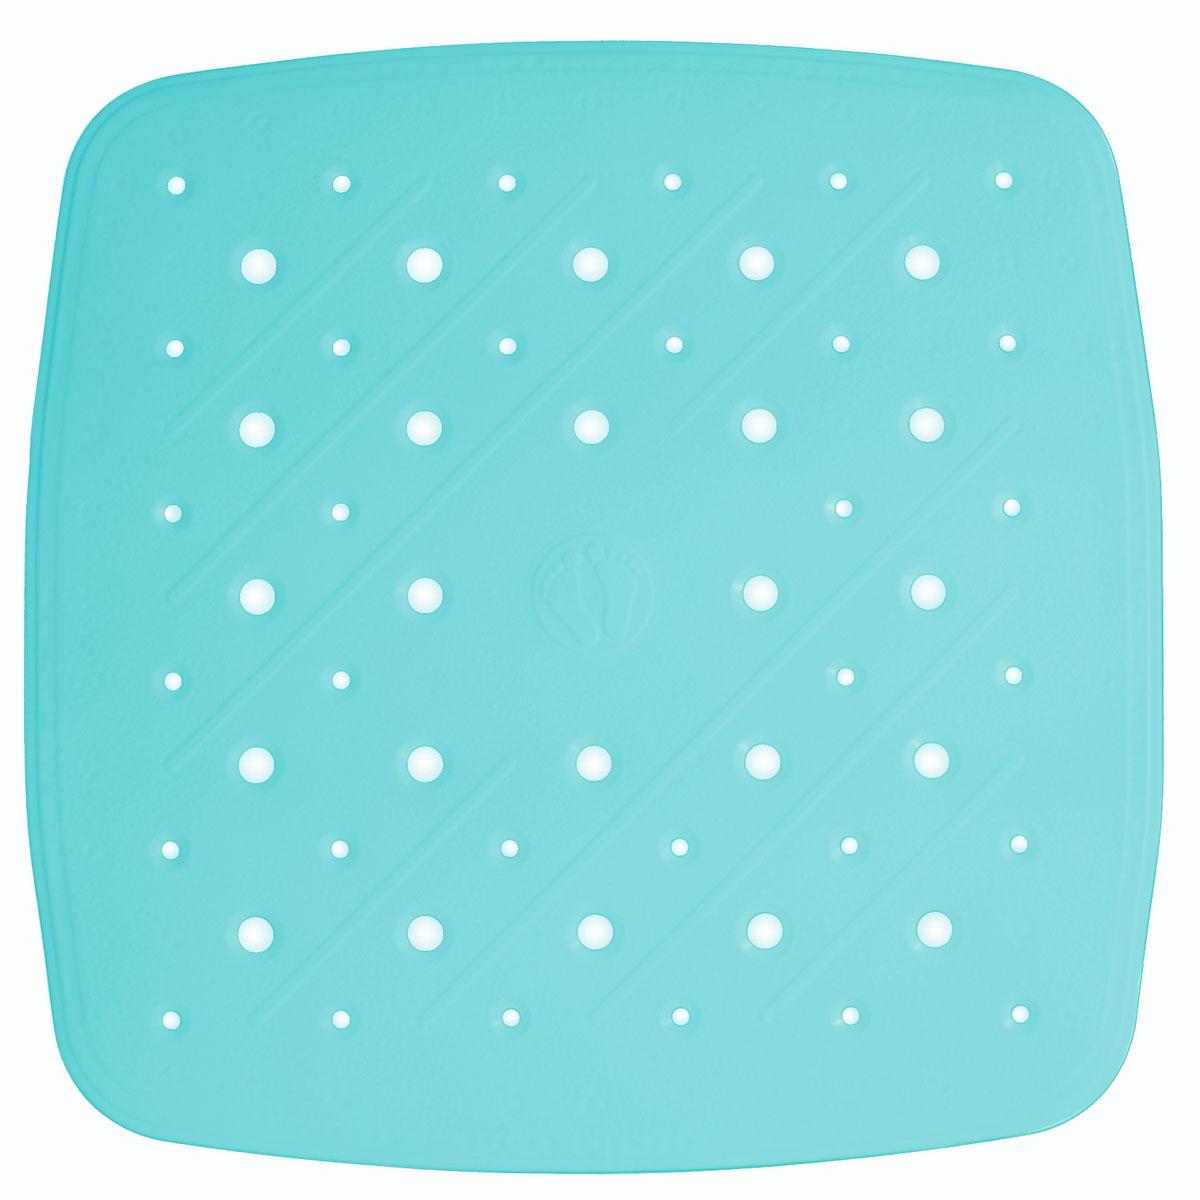 Коврик для ванной Ridder Promo, противоскользящий, на присосках, цвет: голубой, 51 х 51 см167903Высококачественный немецкий коврик Ridder Promo создан для вашего удобства. Состав и свойства противоскользящего коврика: - синтетический каучук и ПВХ с защитой от плесени и грибка; - имеются присоски для крепления. Безопасность изделия соответствует стандартам LGA (Германия).